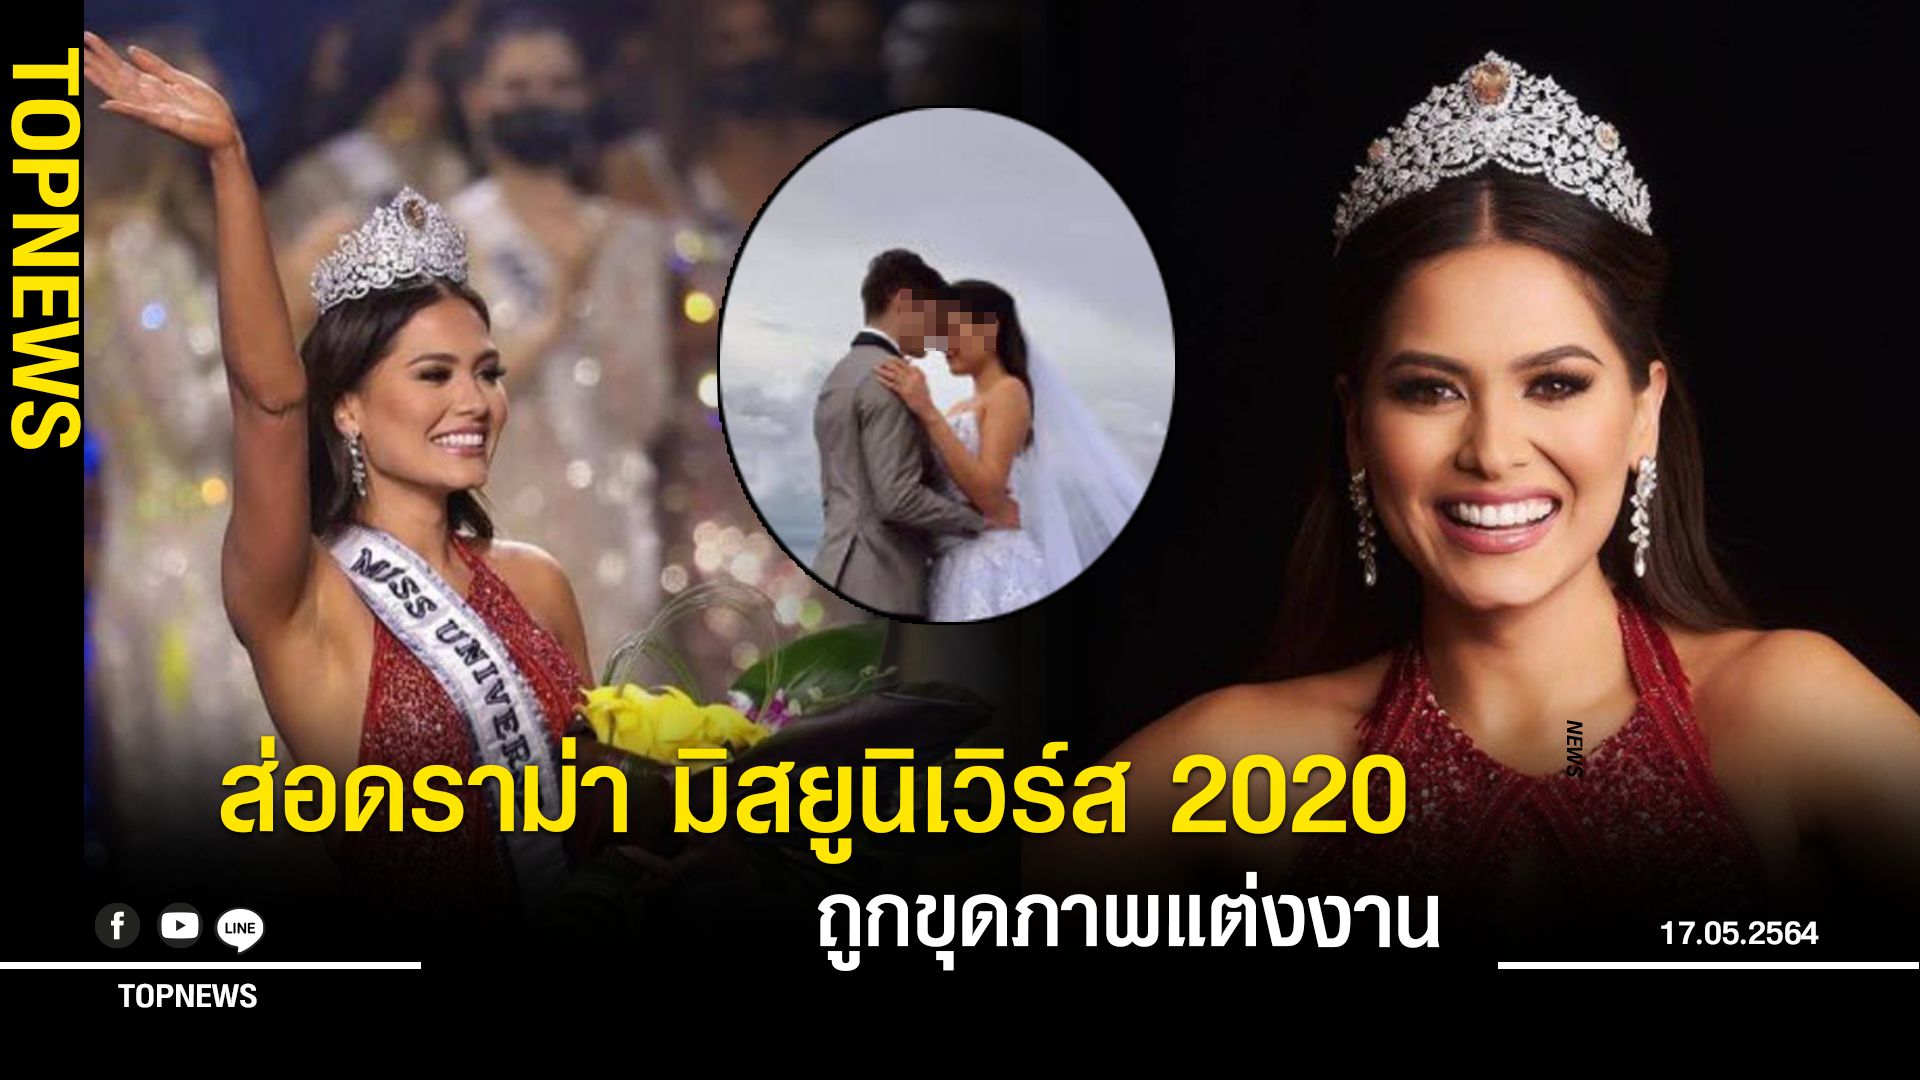 """ส่อดราม่า มิสยูนิเวิร์ส 2020  """"อันเดรีย เมซา""""ถูกขุดภาพแต่งงานแชร์ว่อนออนไลน์"""